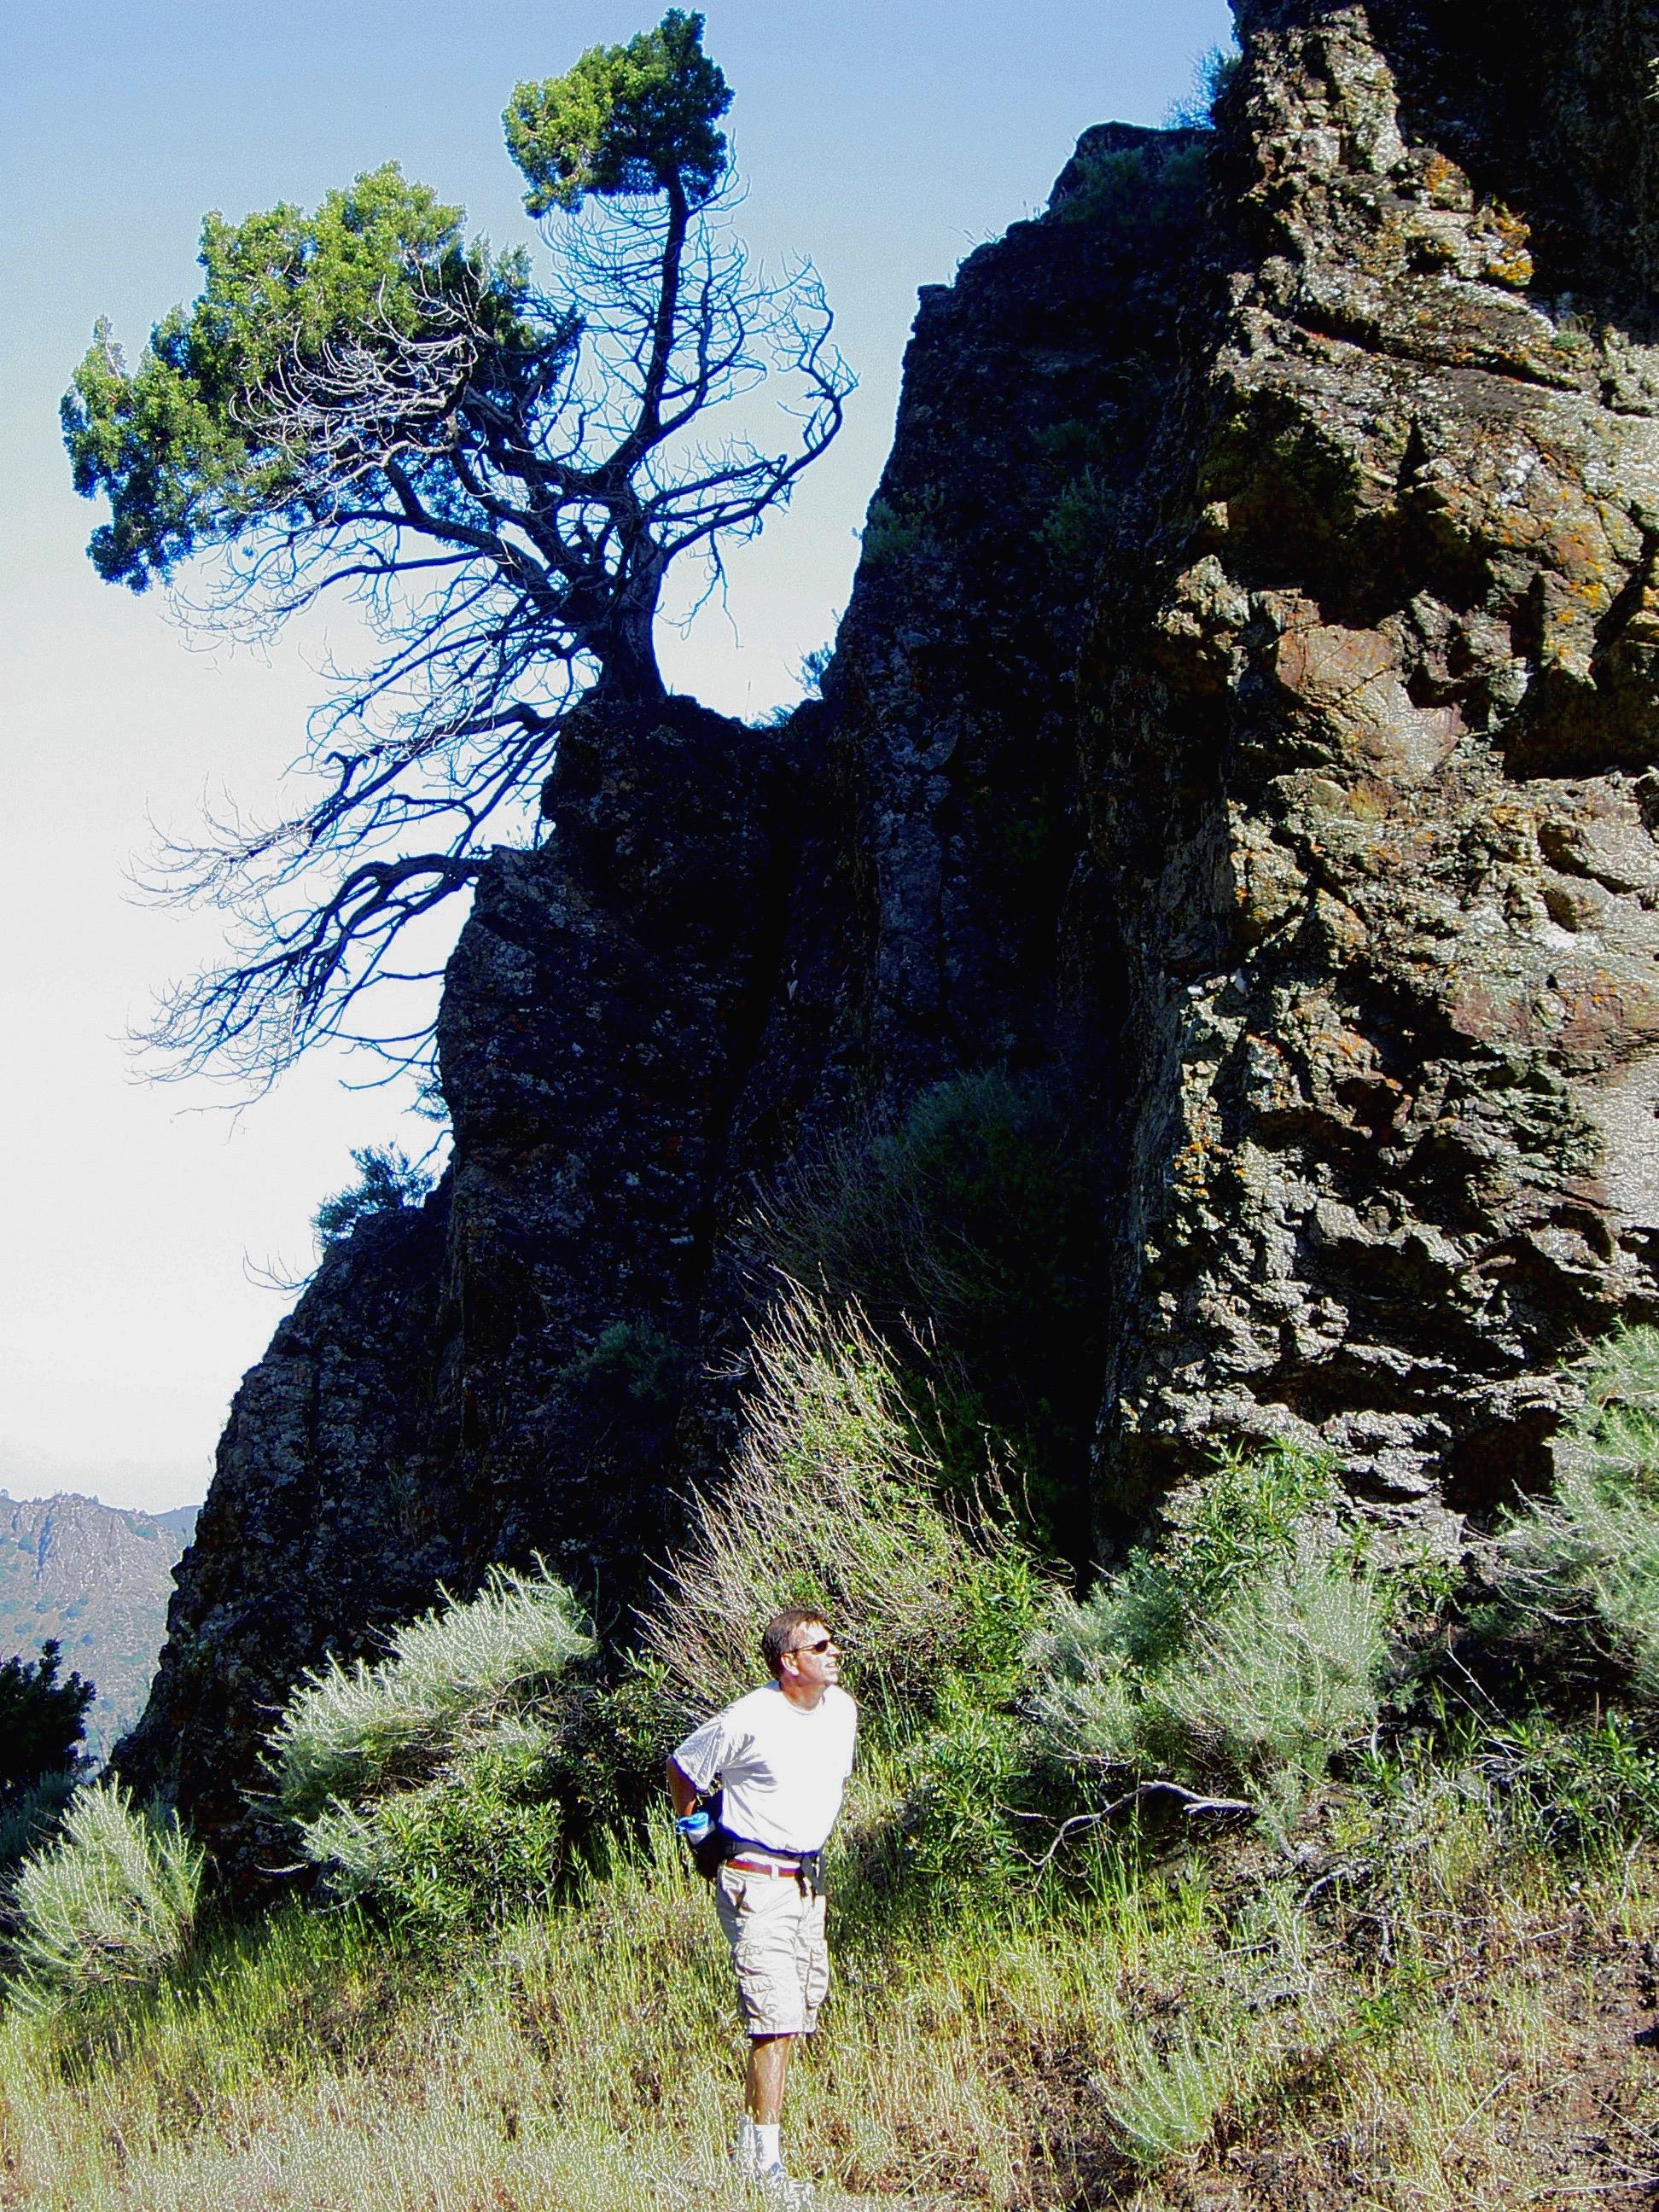 Kenny Koch enters Mt. Diablo's Falls Trail.